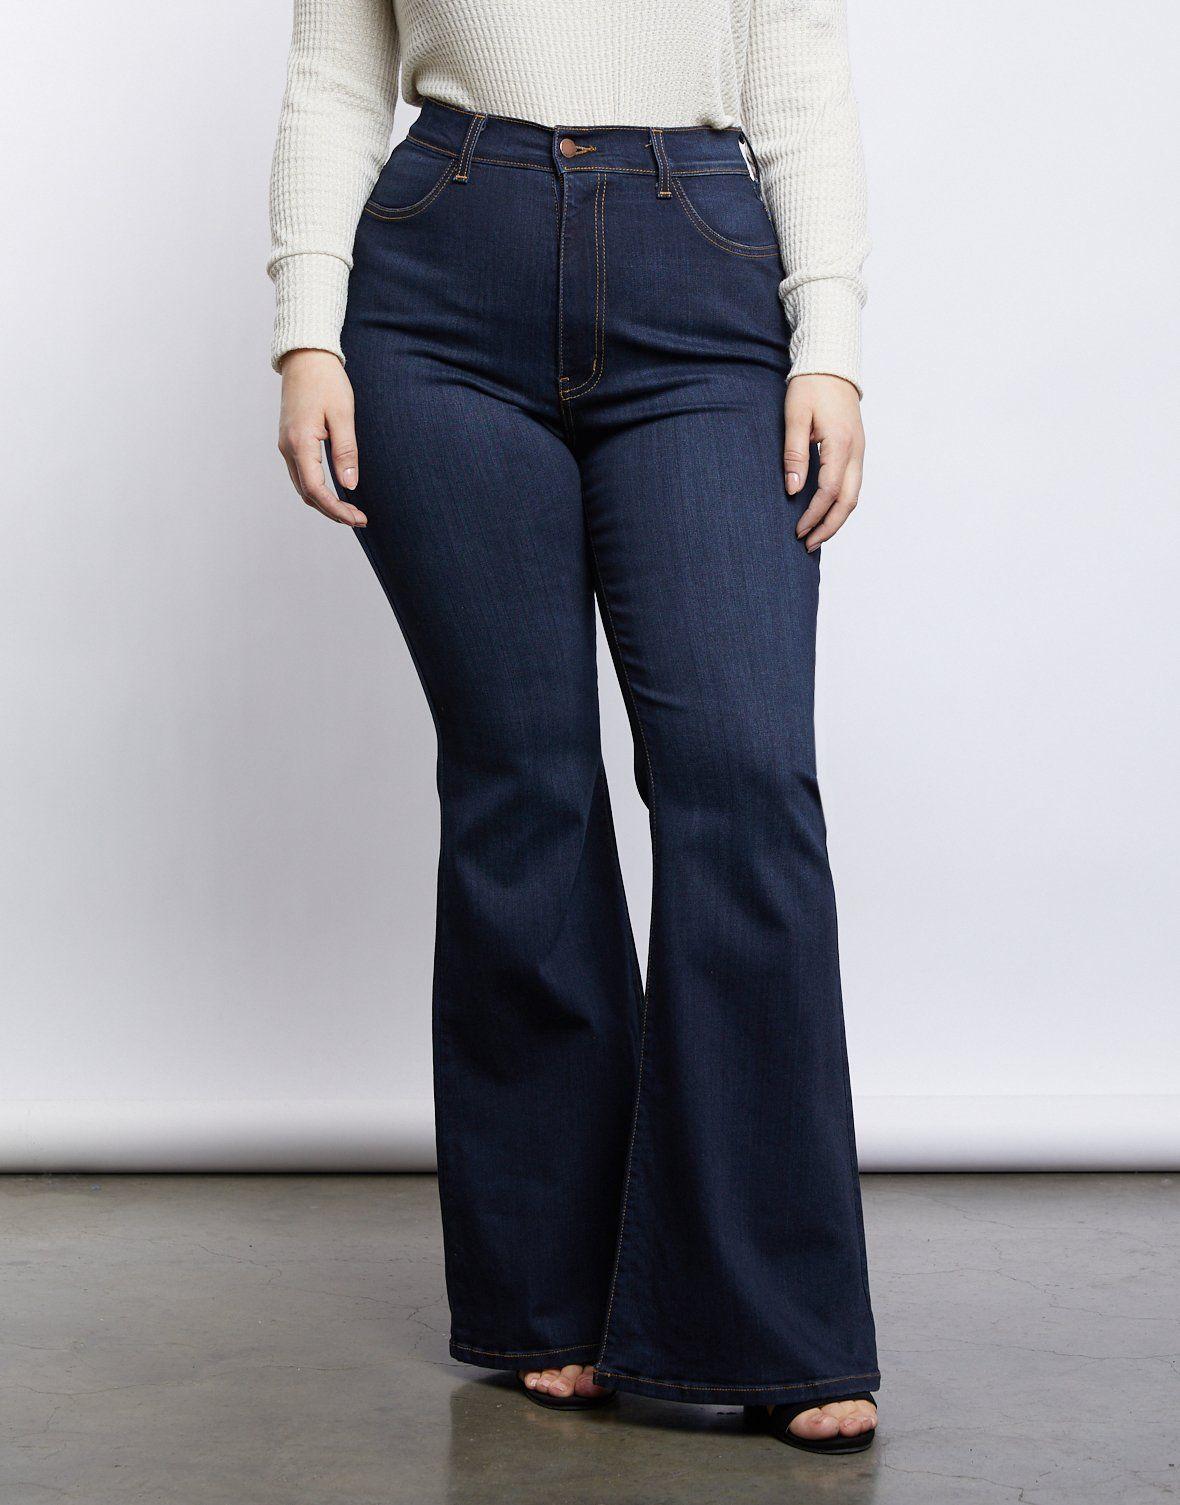 35+ Plus size bell bottom jeans ideas info